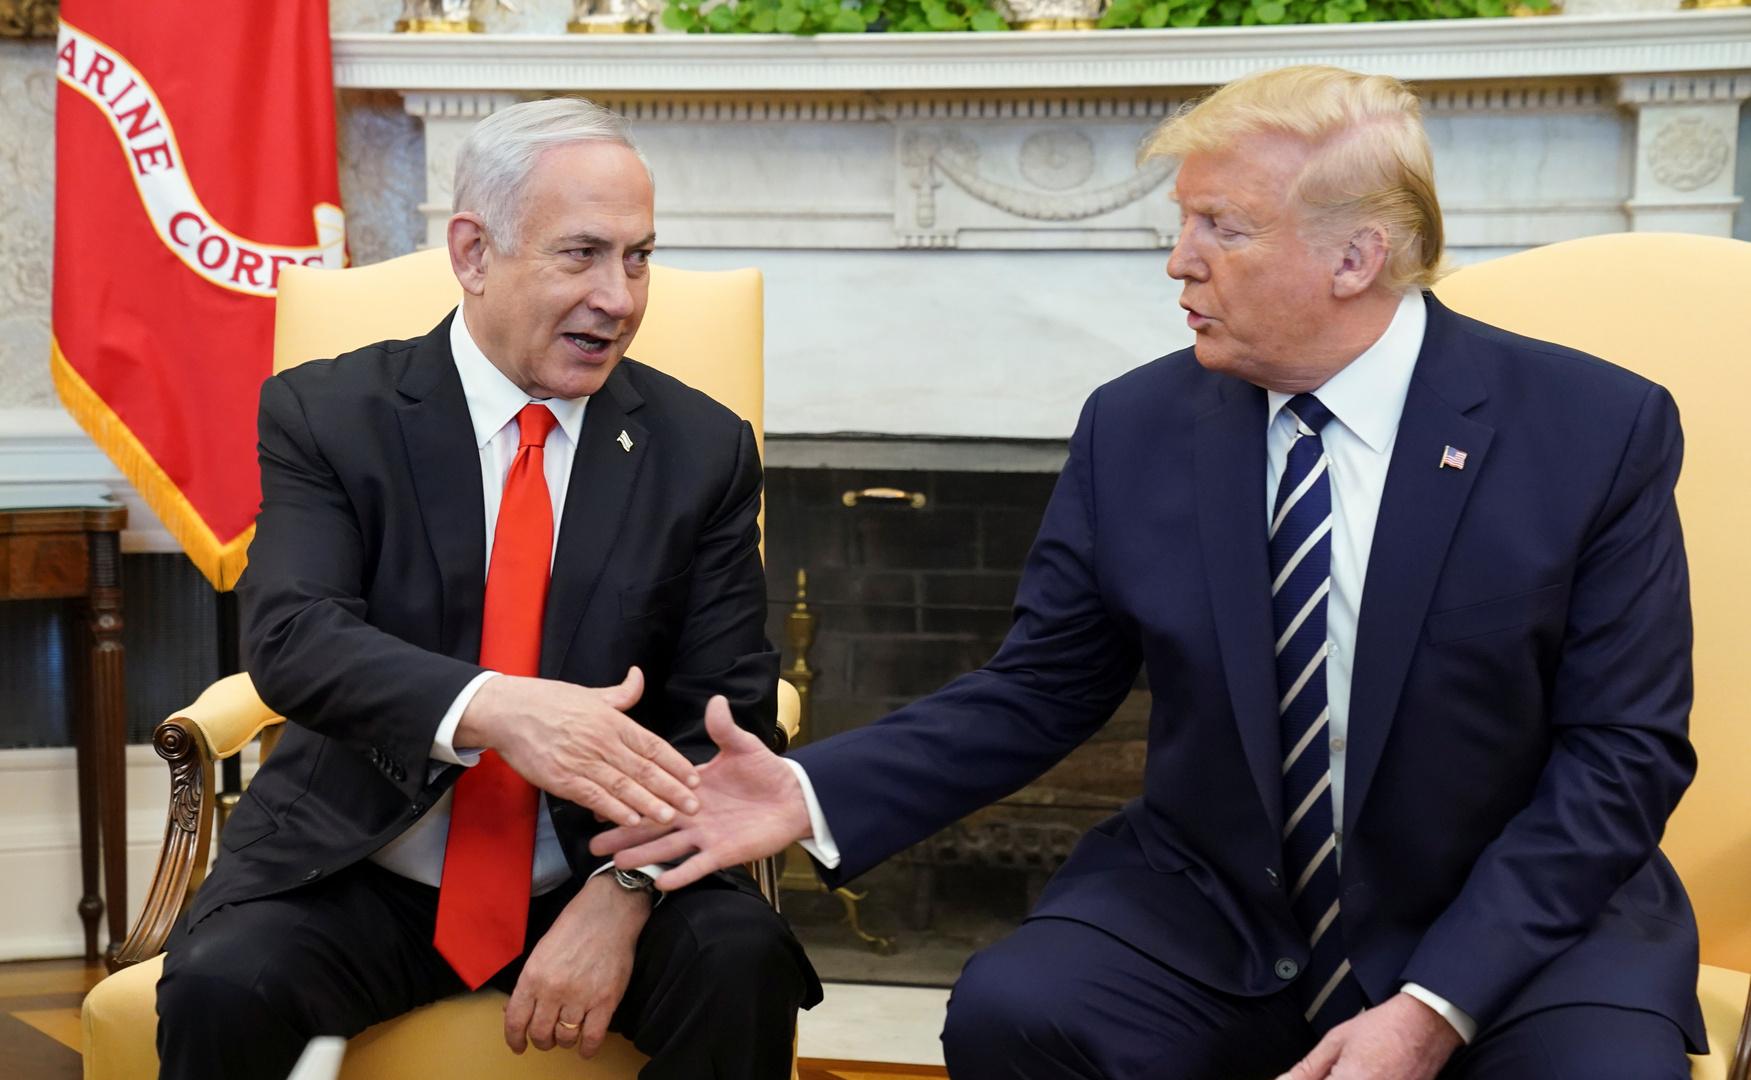 الولايات المتحدة وإسرائيل تقسمان إفريقيا